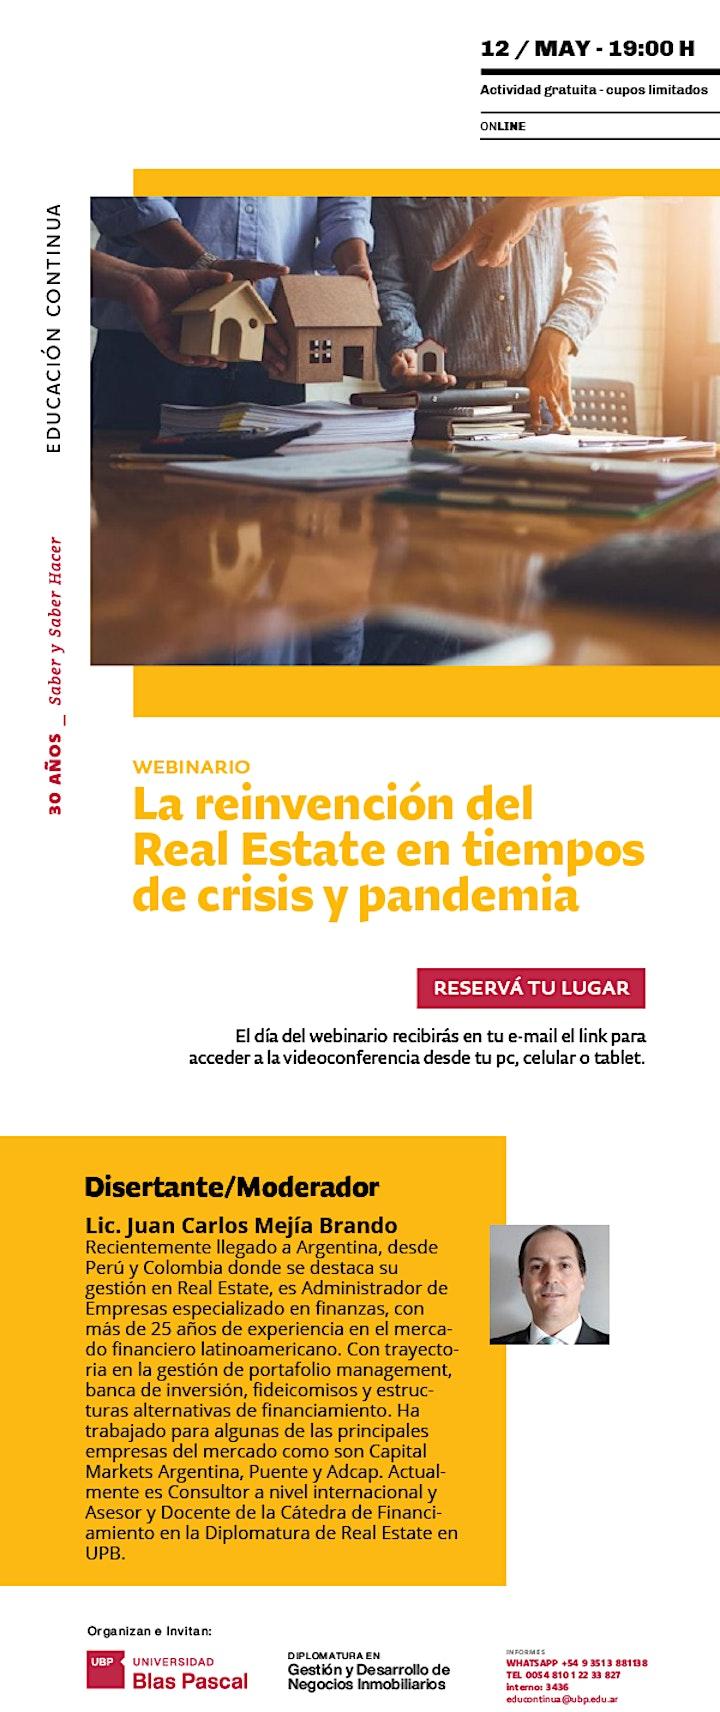 Imagen de Webinario> La reinvención del Real Estate en tiempos de crisis y pandemia